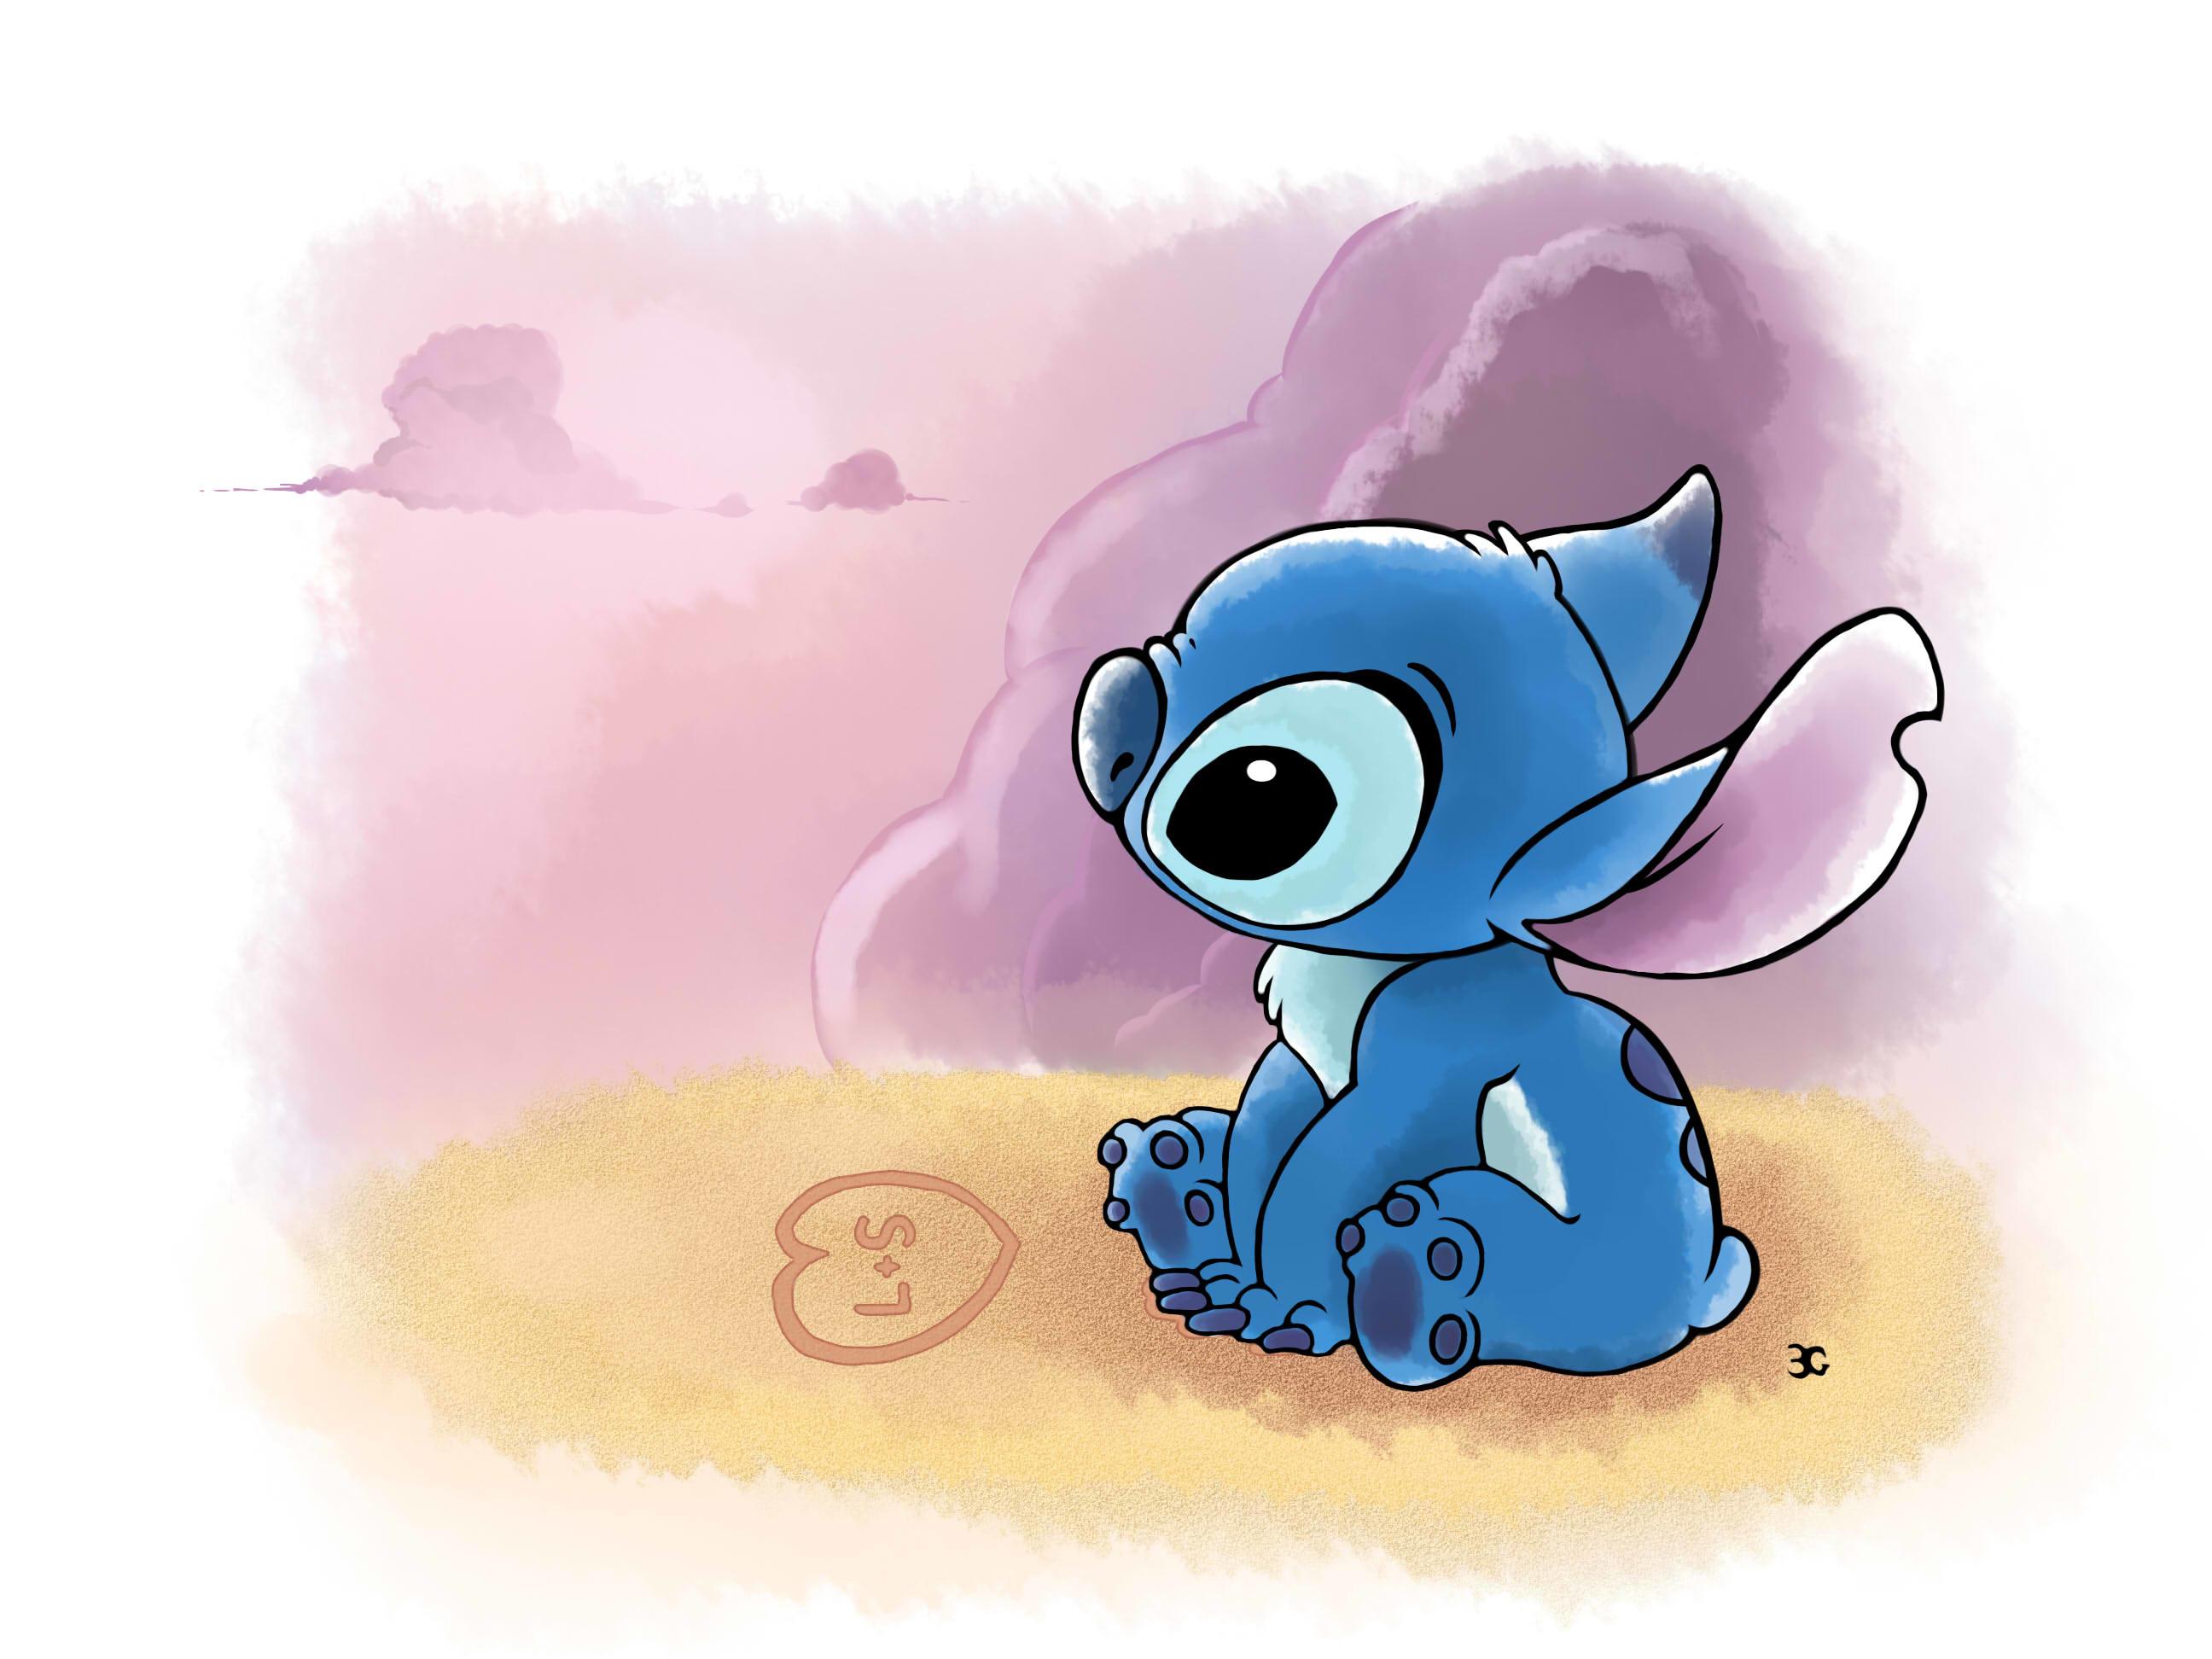 Explore Disney Stitch, Lilo And Stitch, and more!